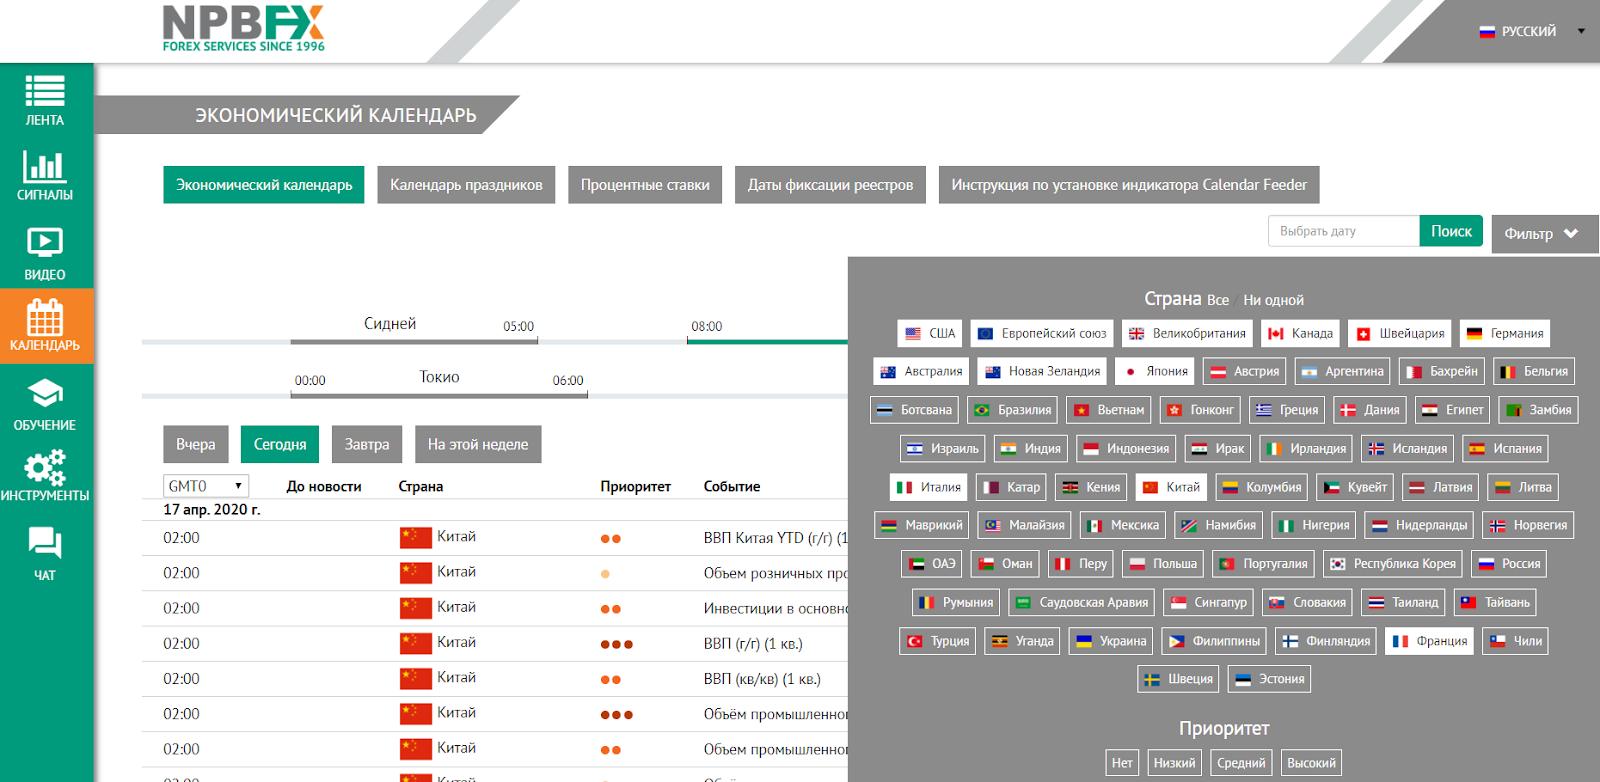 Раздел «Календарь» Аналитического портала NPBFX